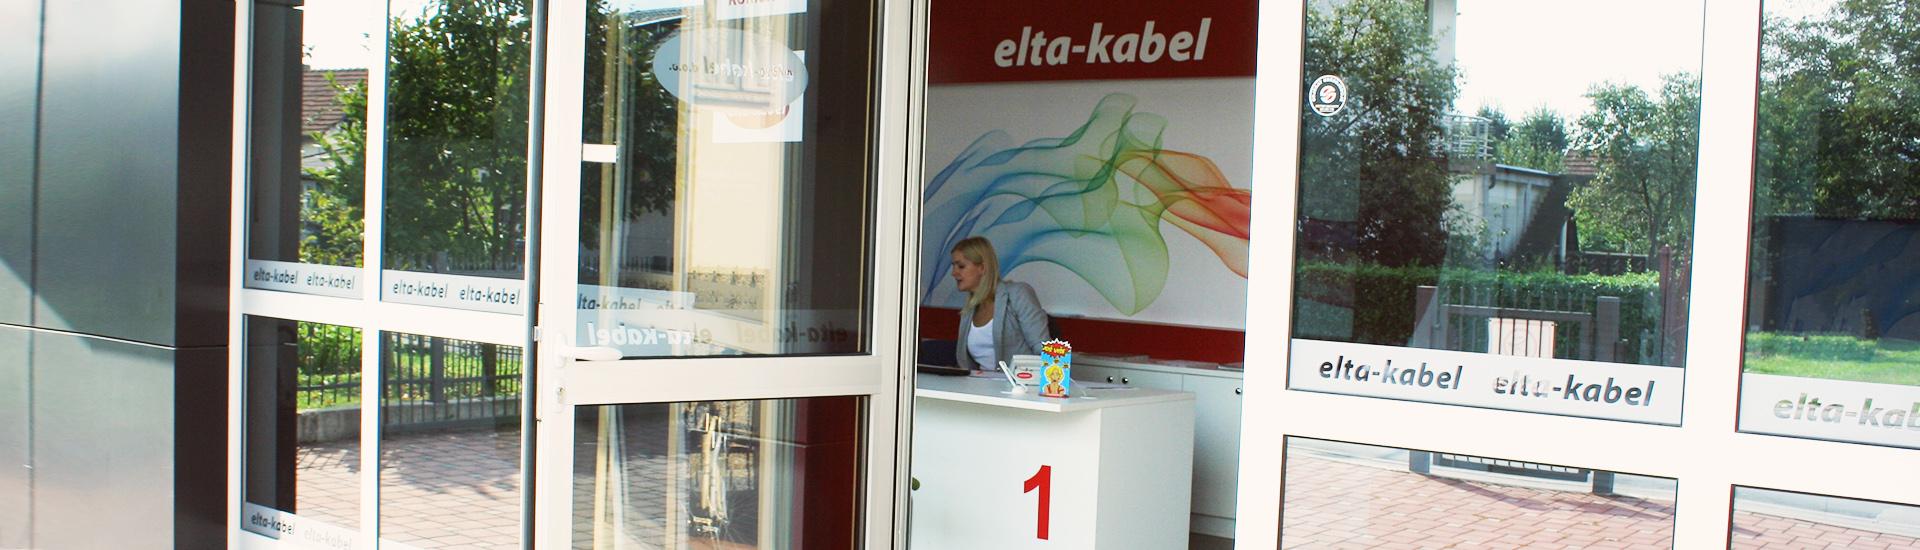 Elta-Kabel poslovnica